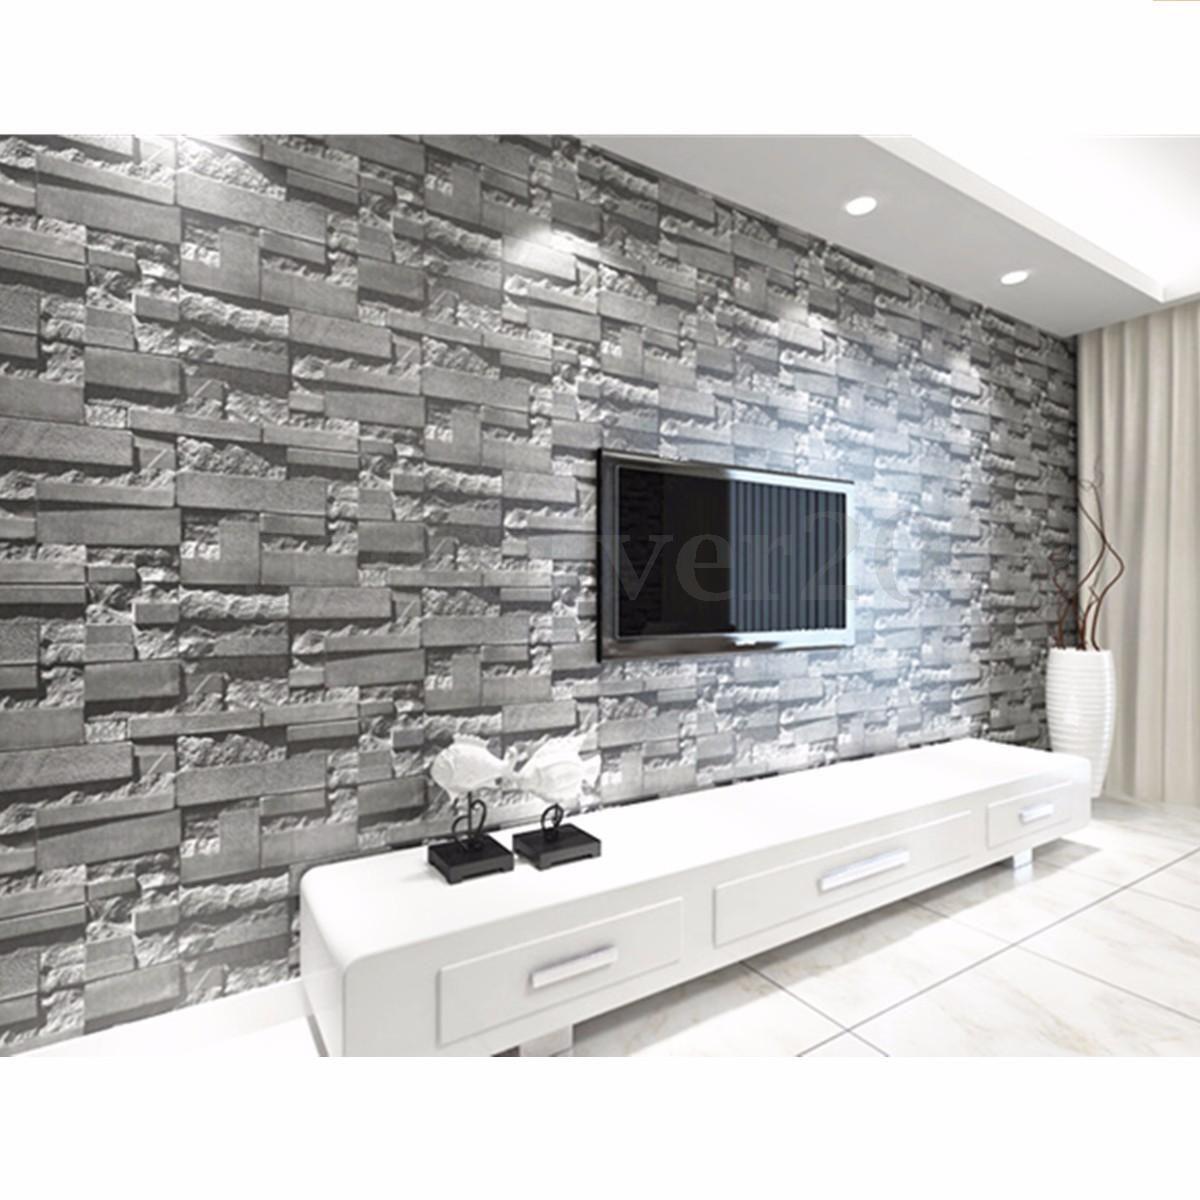 3d Wallpaper Brick Pattern Textured Tv Background Home Art D